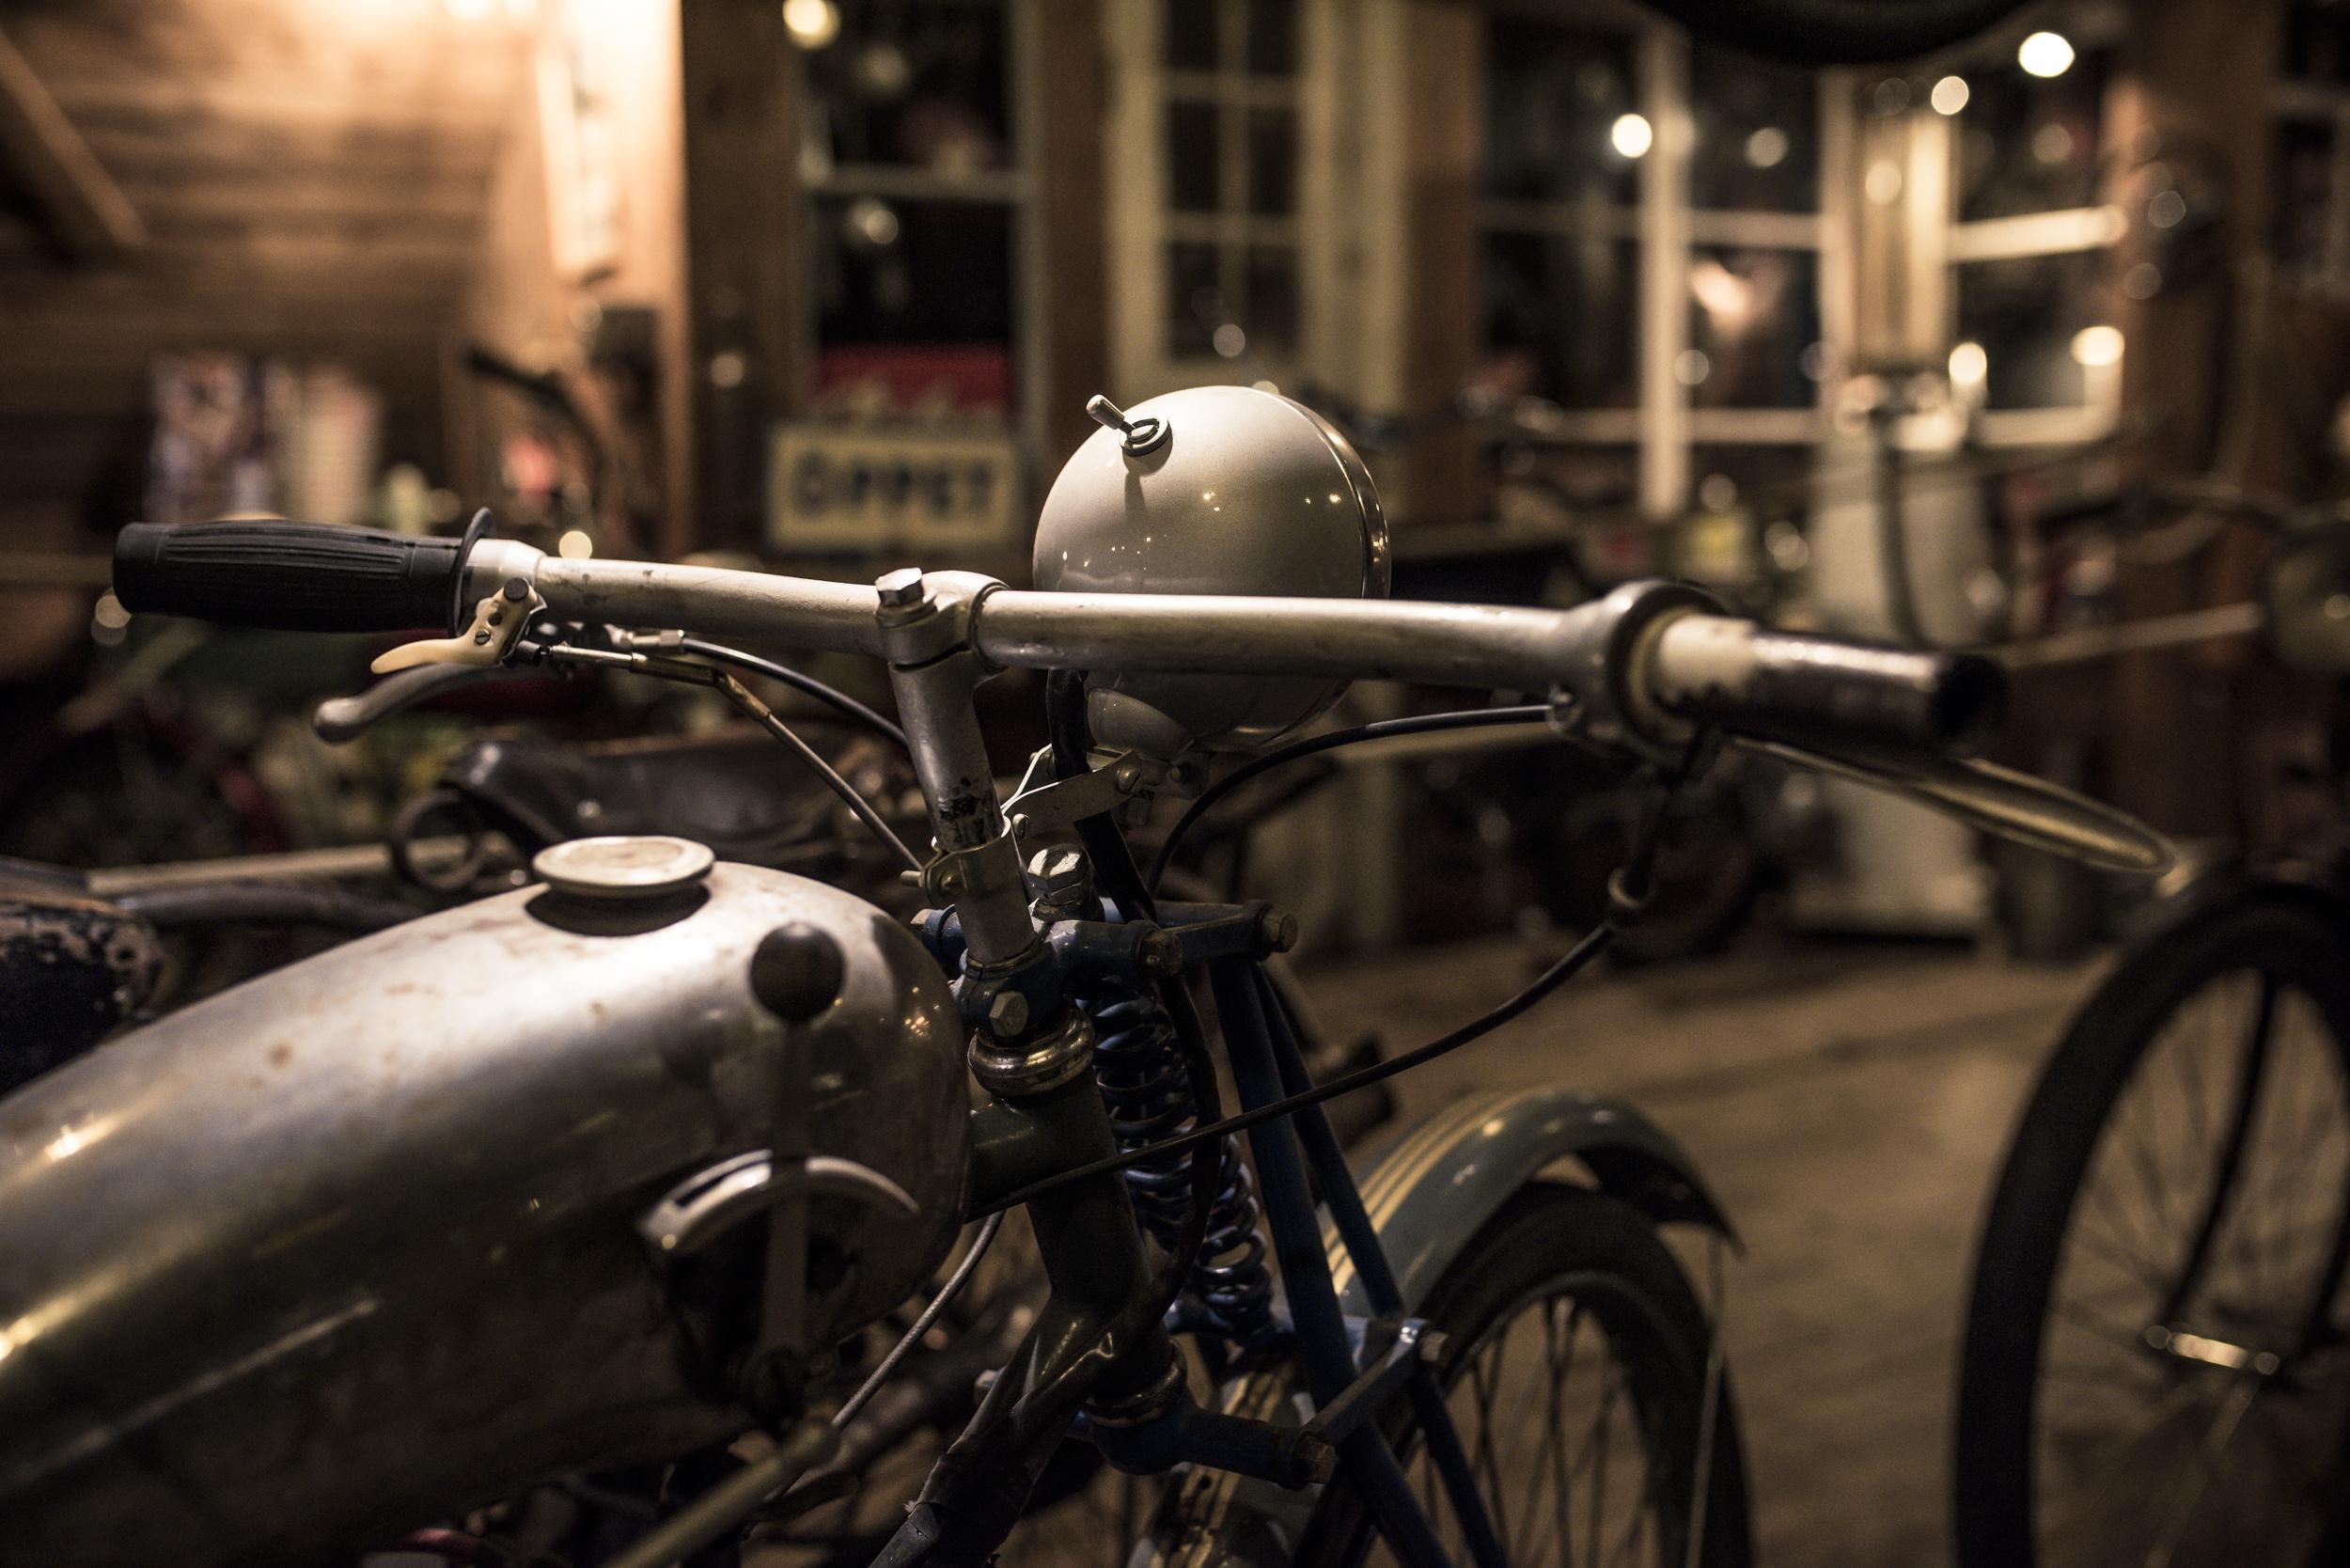 Dessa härliga motorscyklar. Det var ju ett poppis fortskaffningsmedel om man inte hade råd att köpa bil.